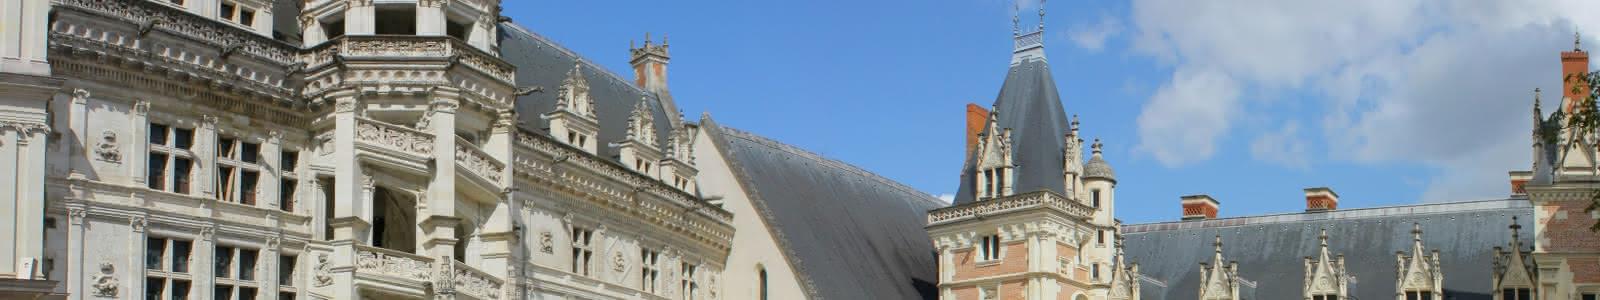 Château royal de Blois - 500 ans de Renaissance(s) en Loir-et-Cher Val de Loire